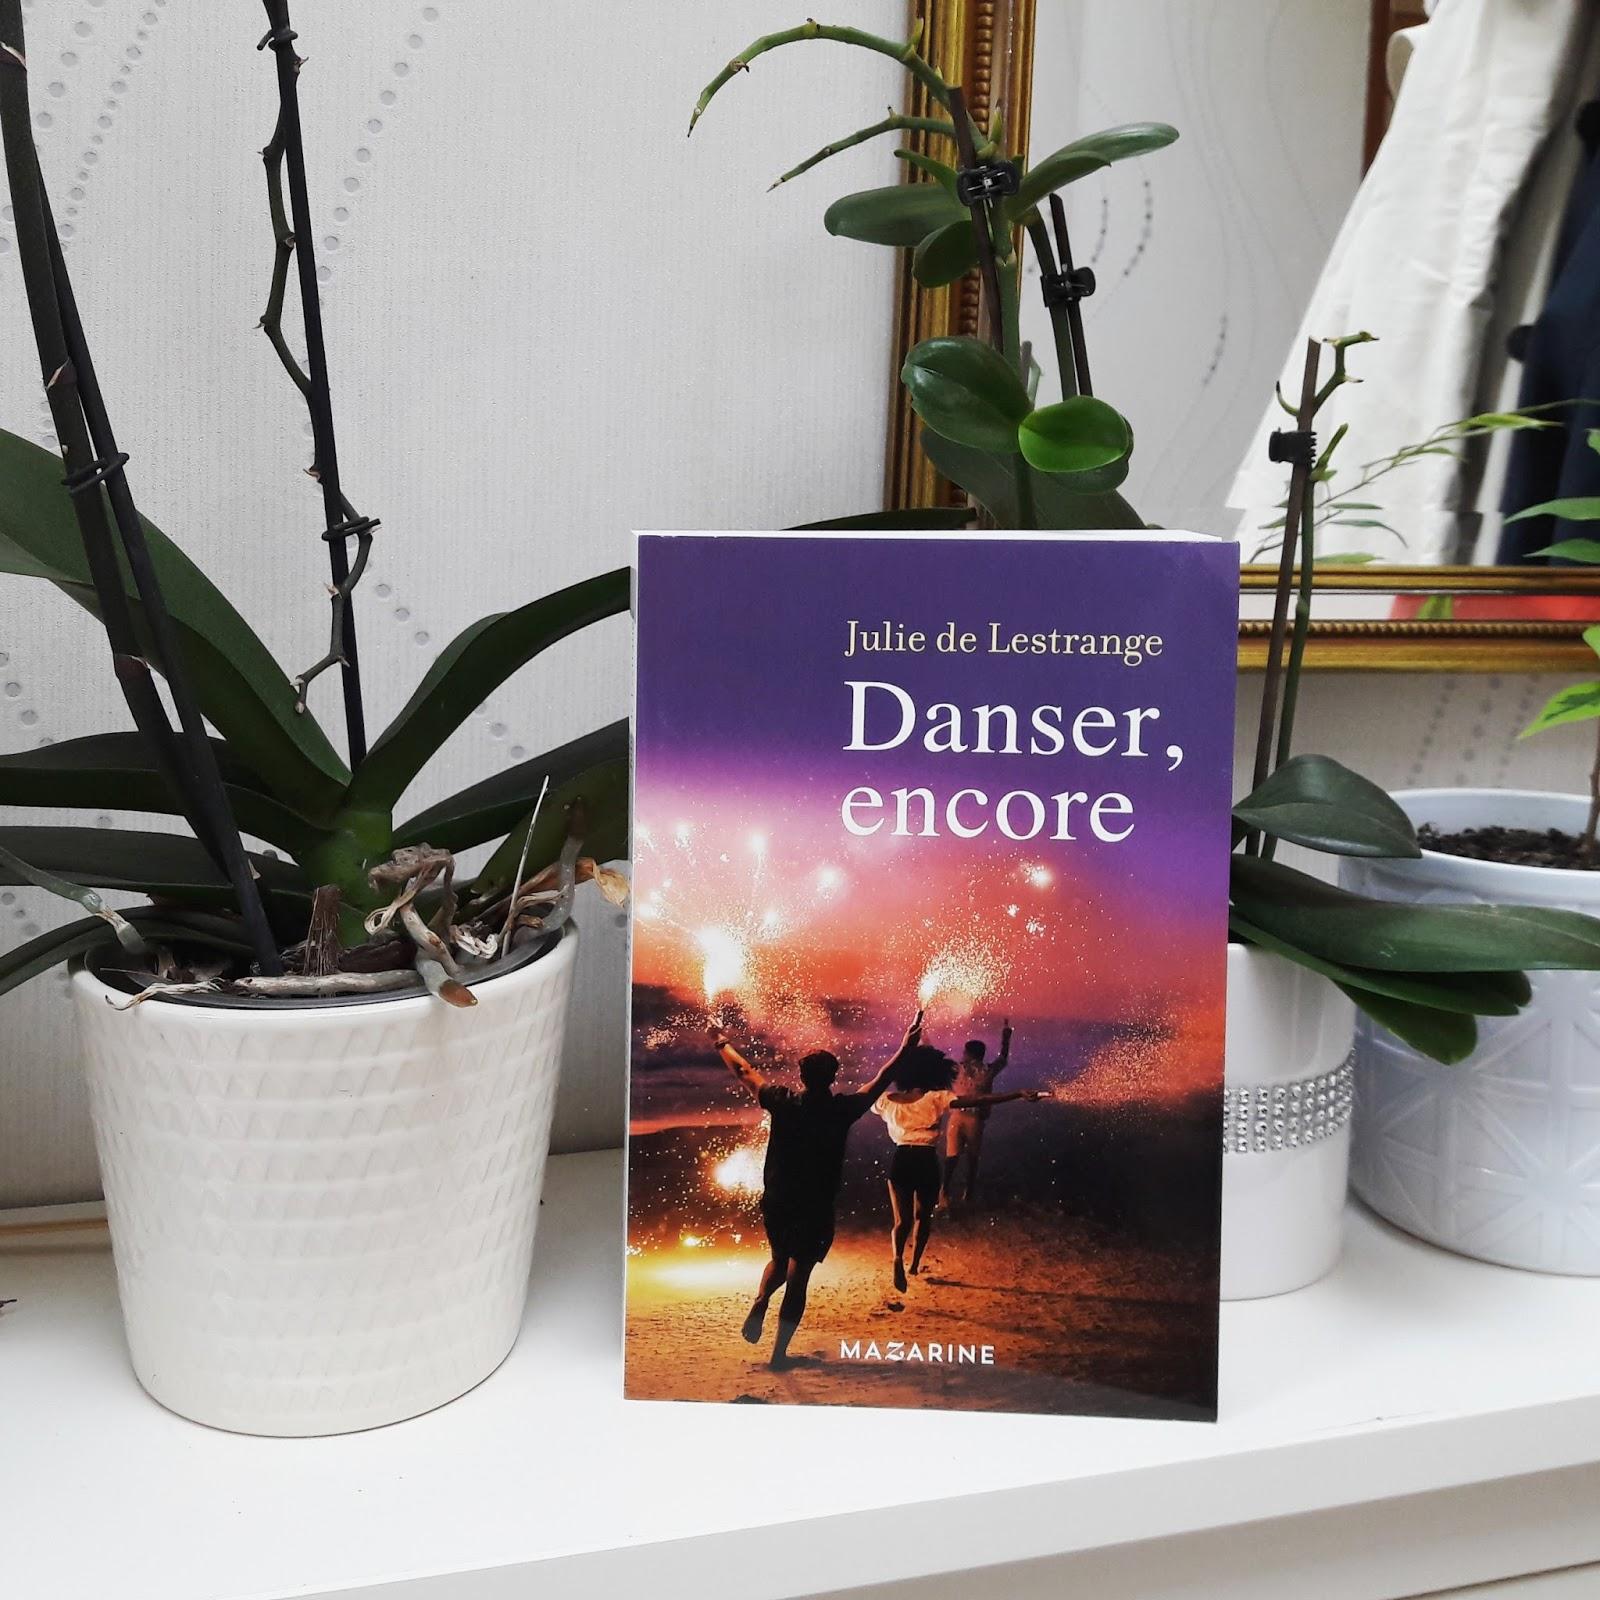 Danser, encore de Julie de Lestrange